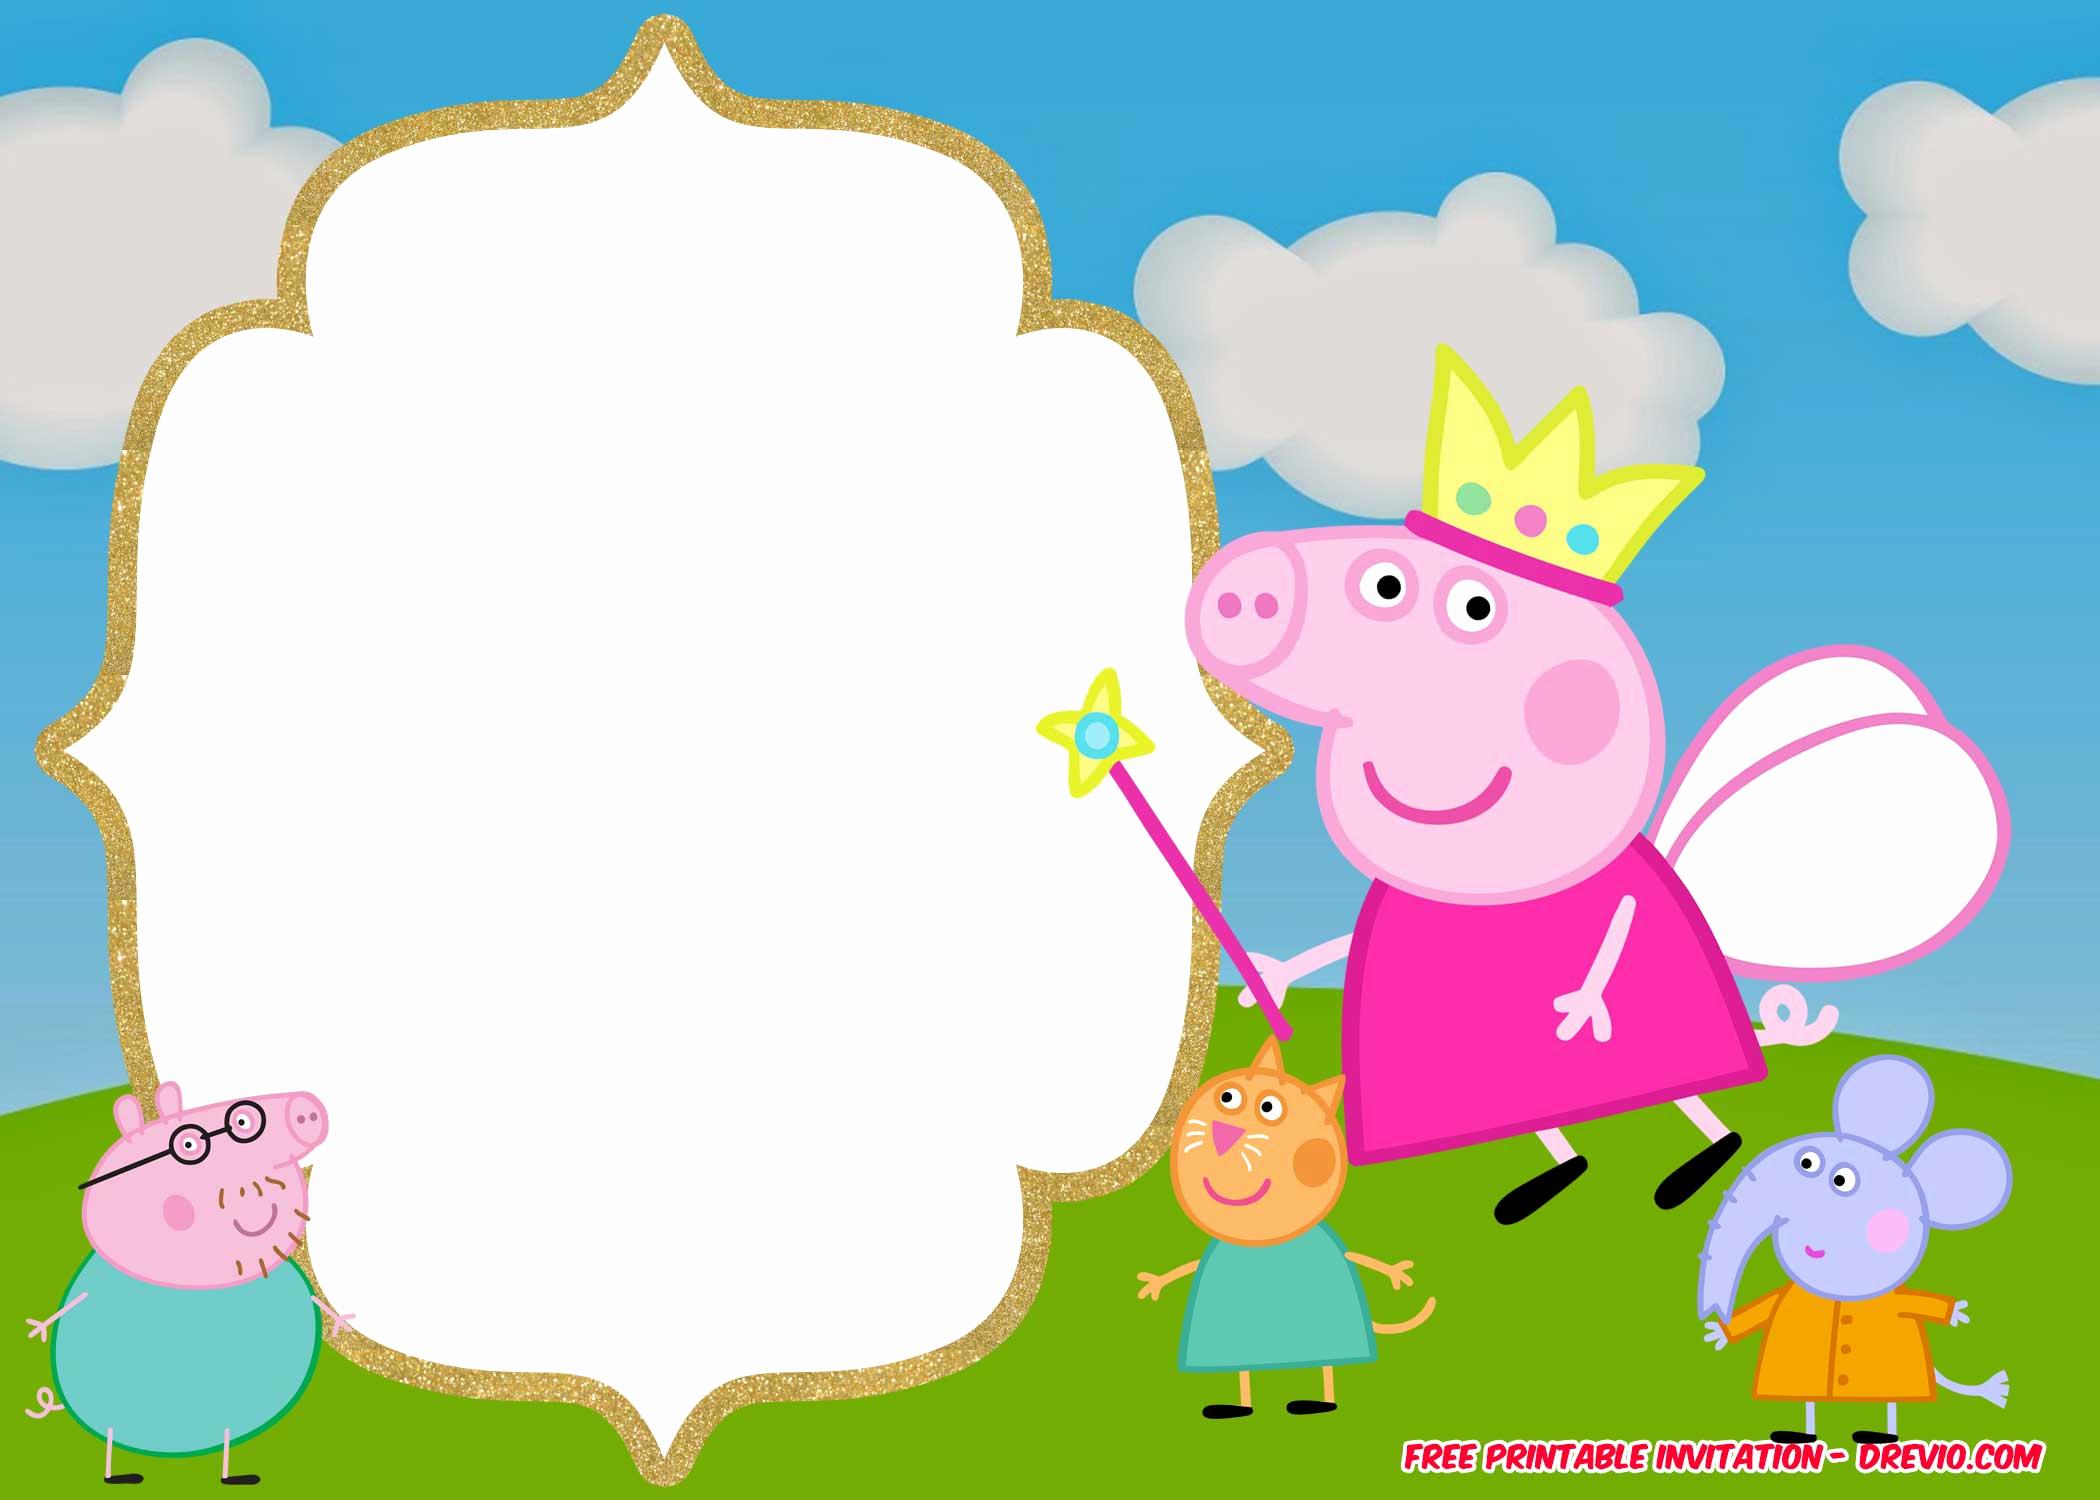 Peppa Pig Invitation Template Free Elegant Free Printable Peppa Pig Invitation Birthday Templates